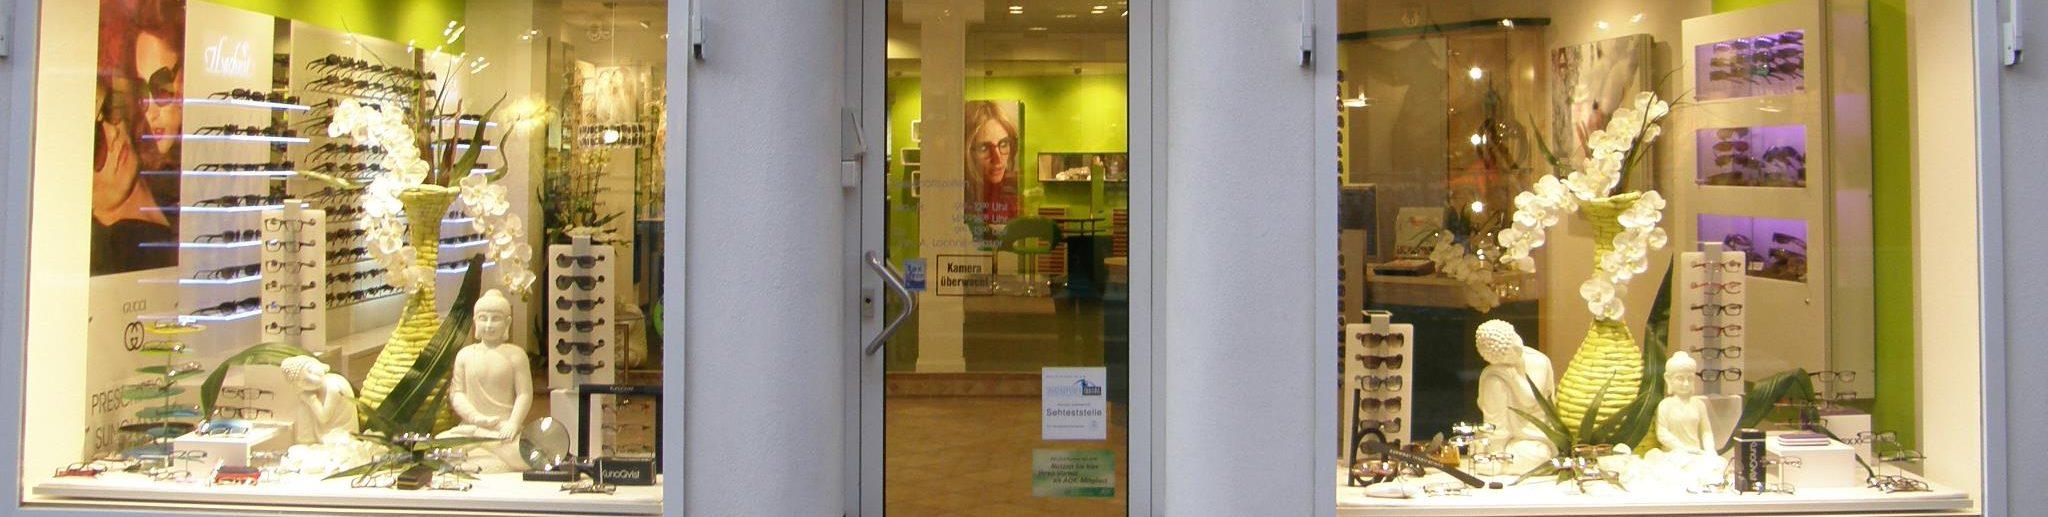 Außenansicht Schaufenster Optik Lachnit Miltenberg